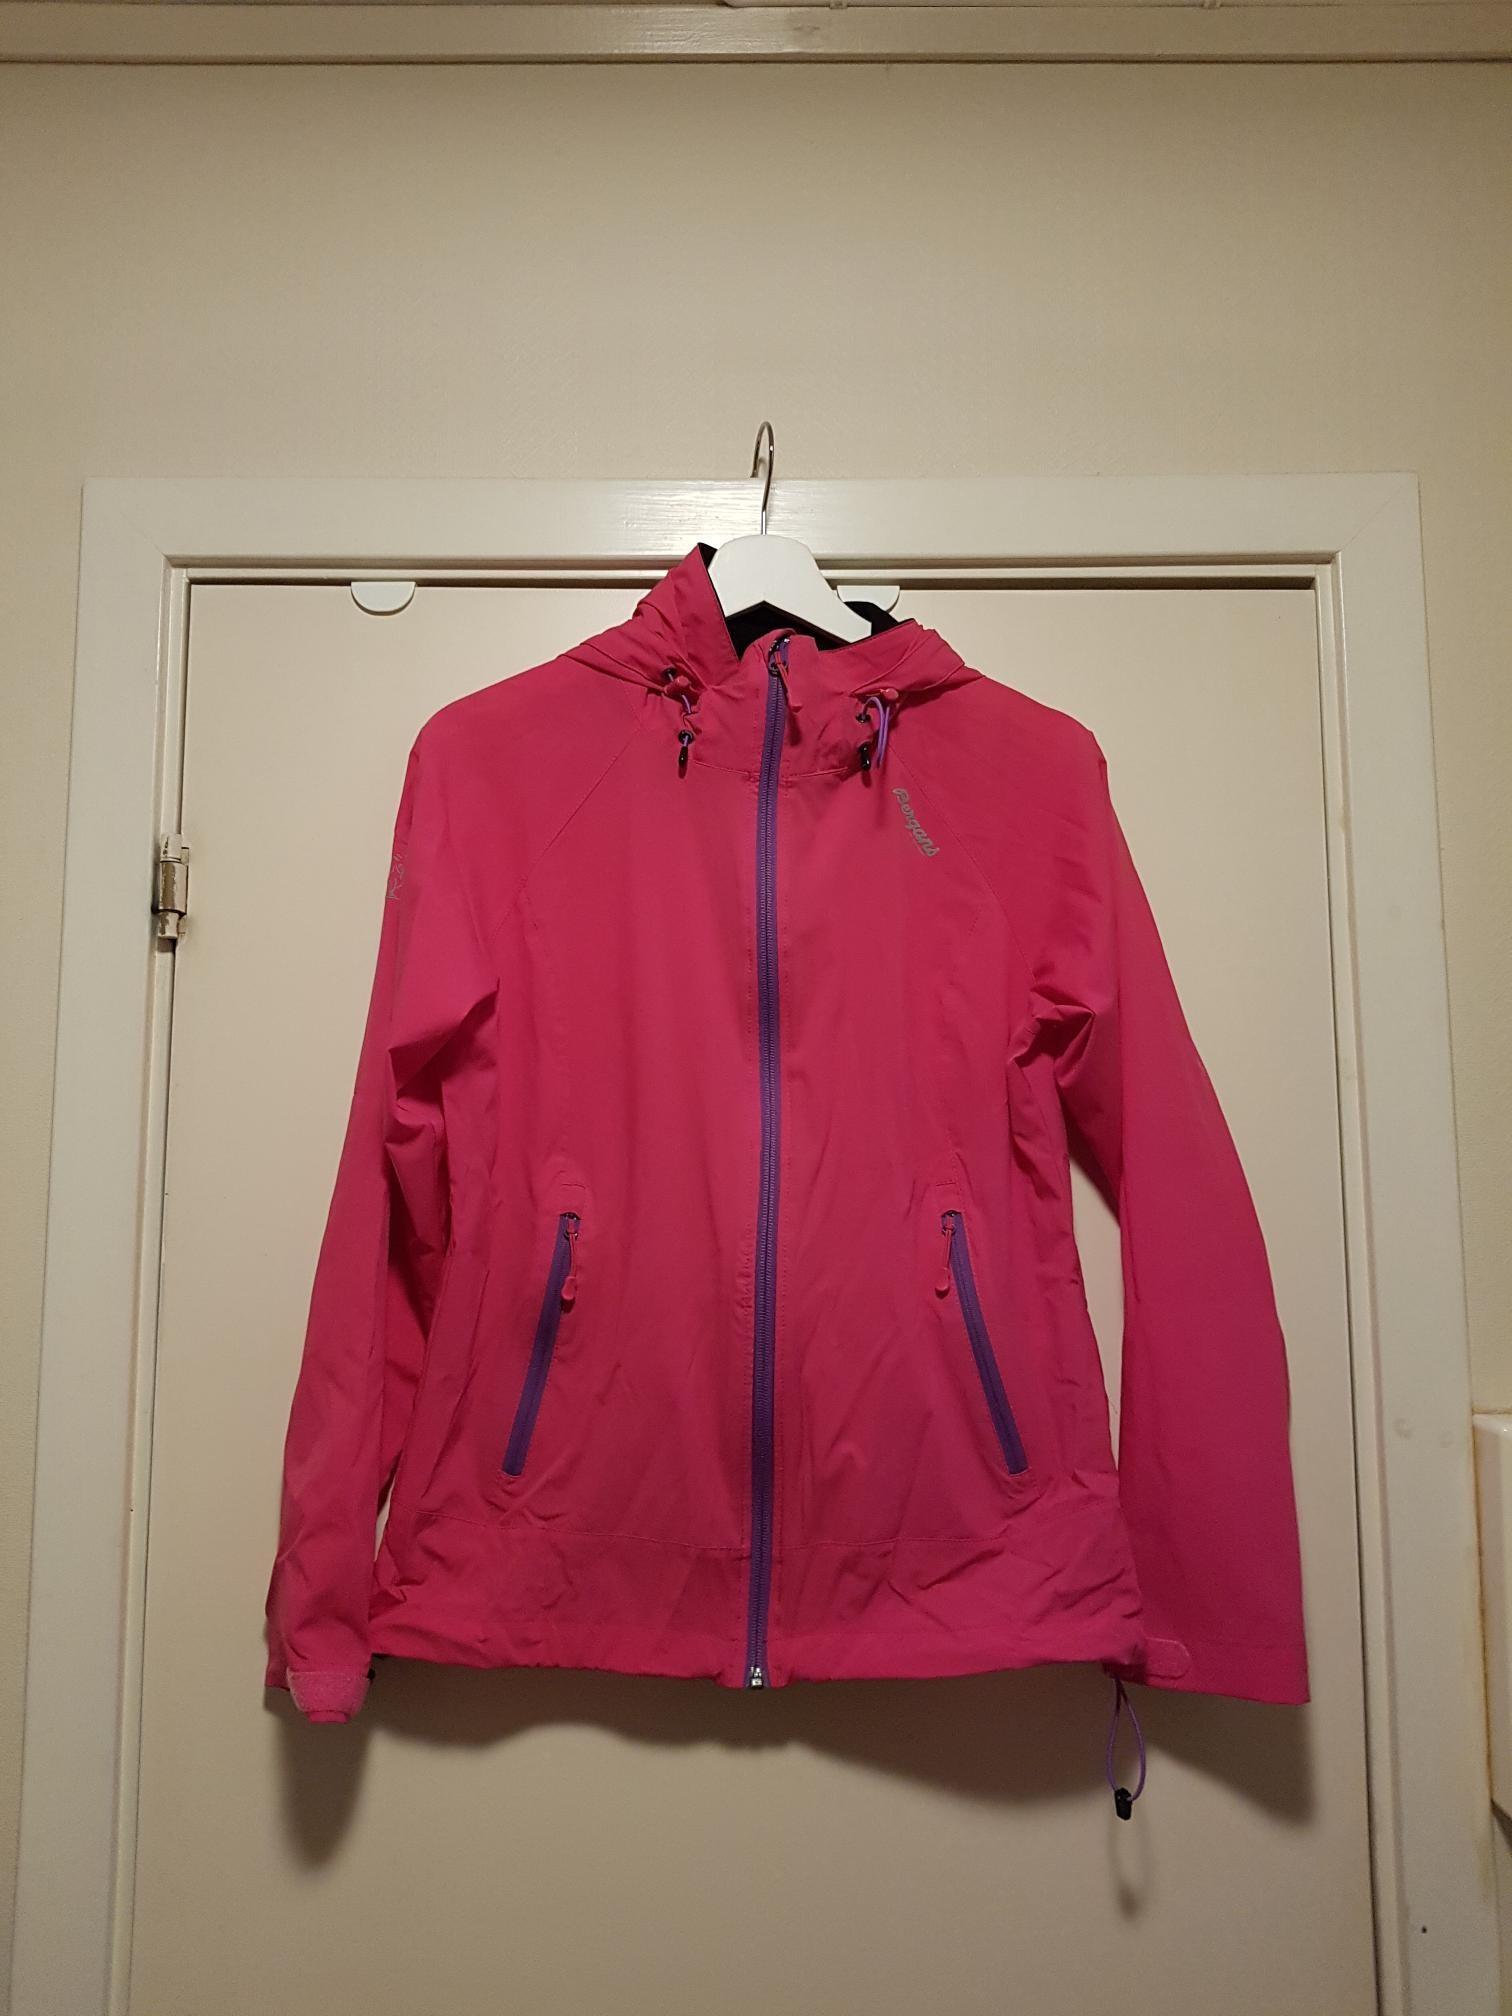 3684cea8 Bergans Microlight jakke og bukse | FINN.no